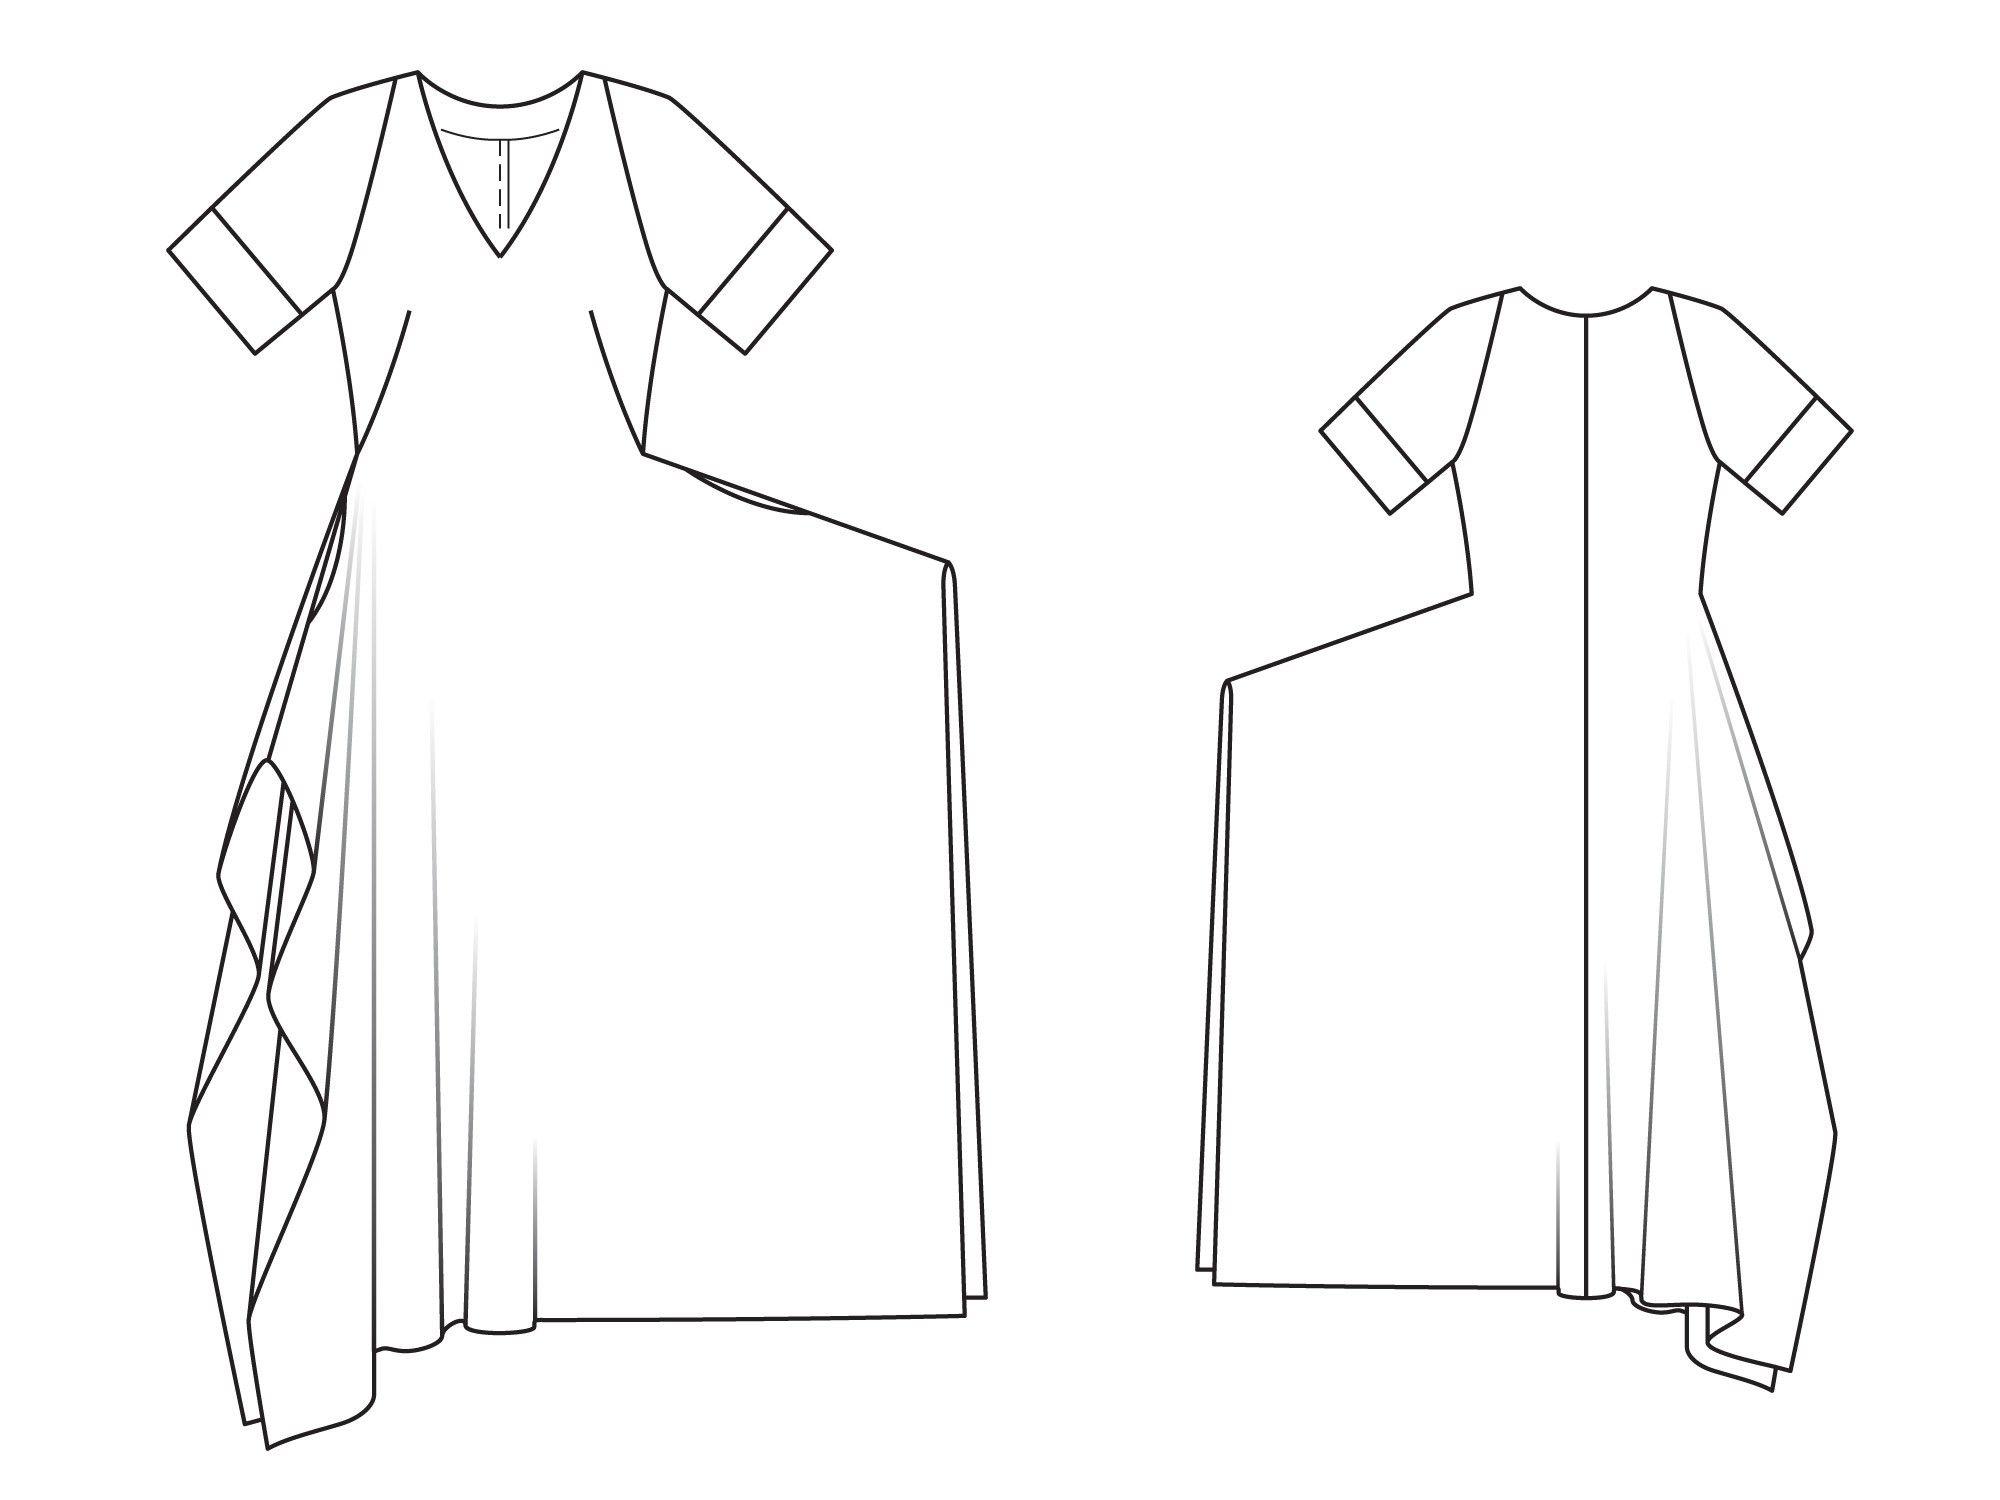 Tunic Sewing Patterns Diy | Wiring Diagram Database